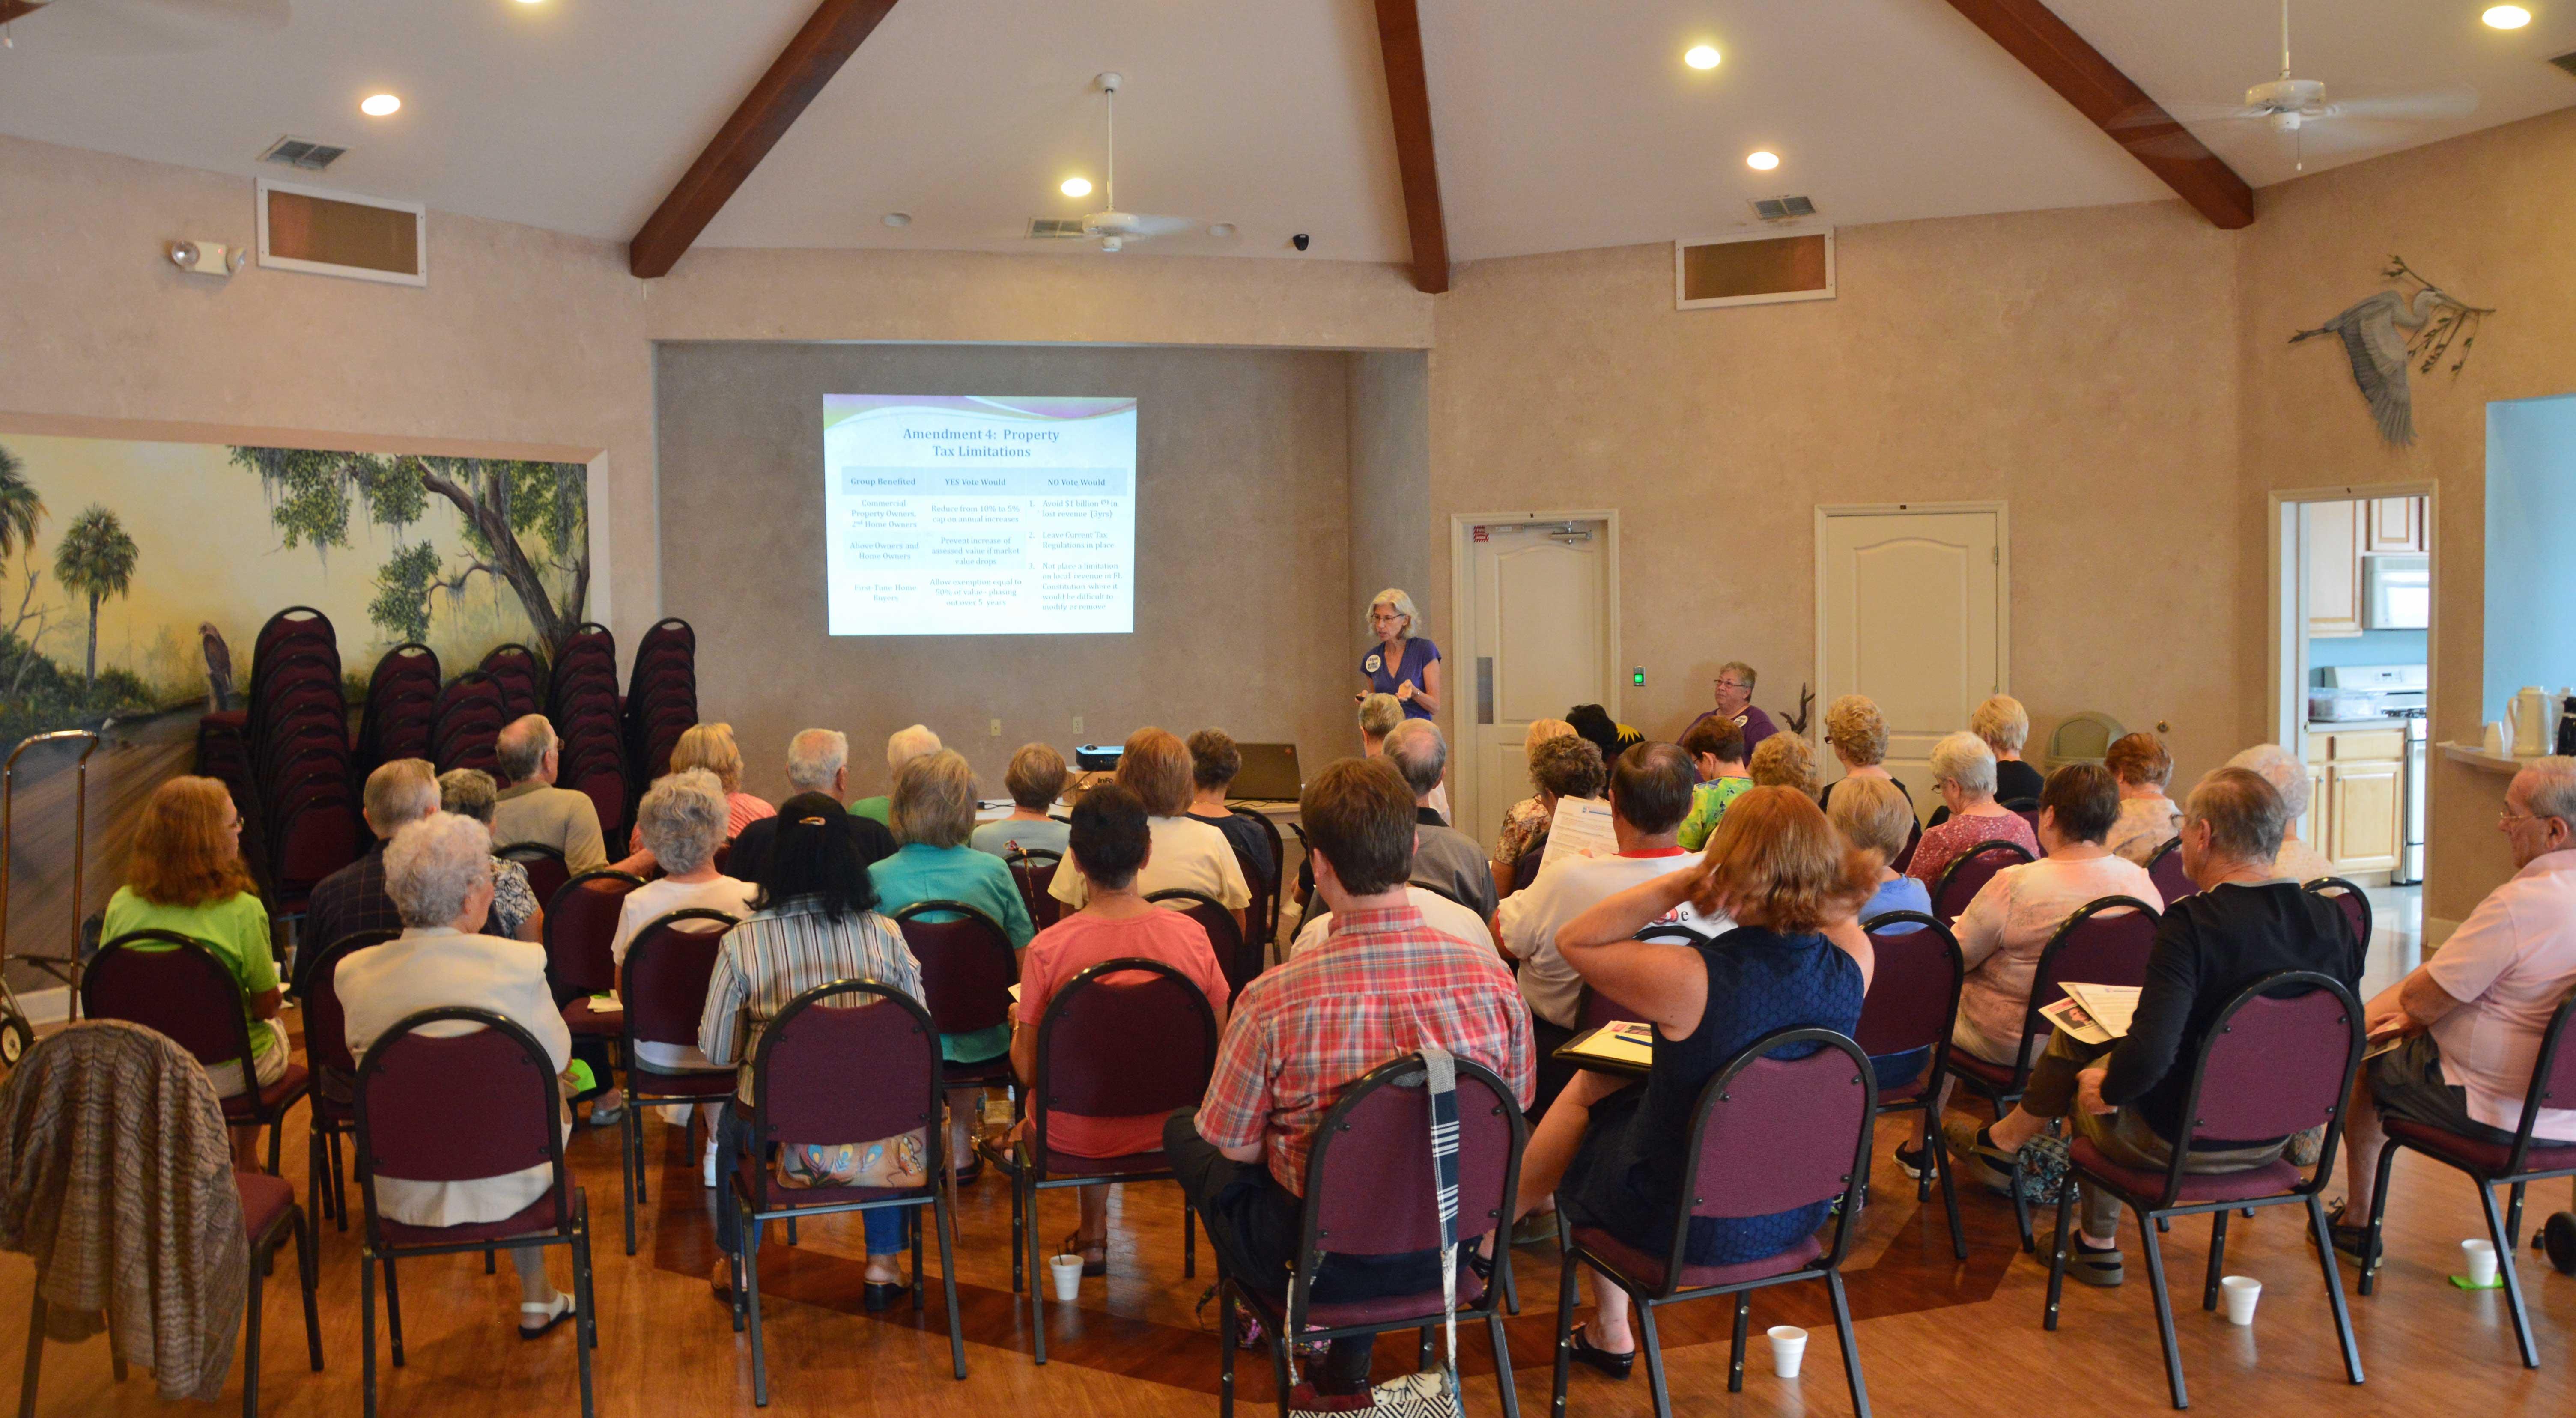 Janet Stevens presenting